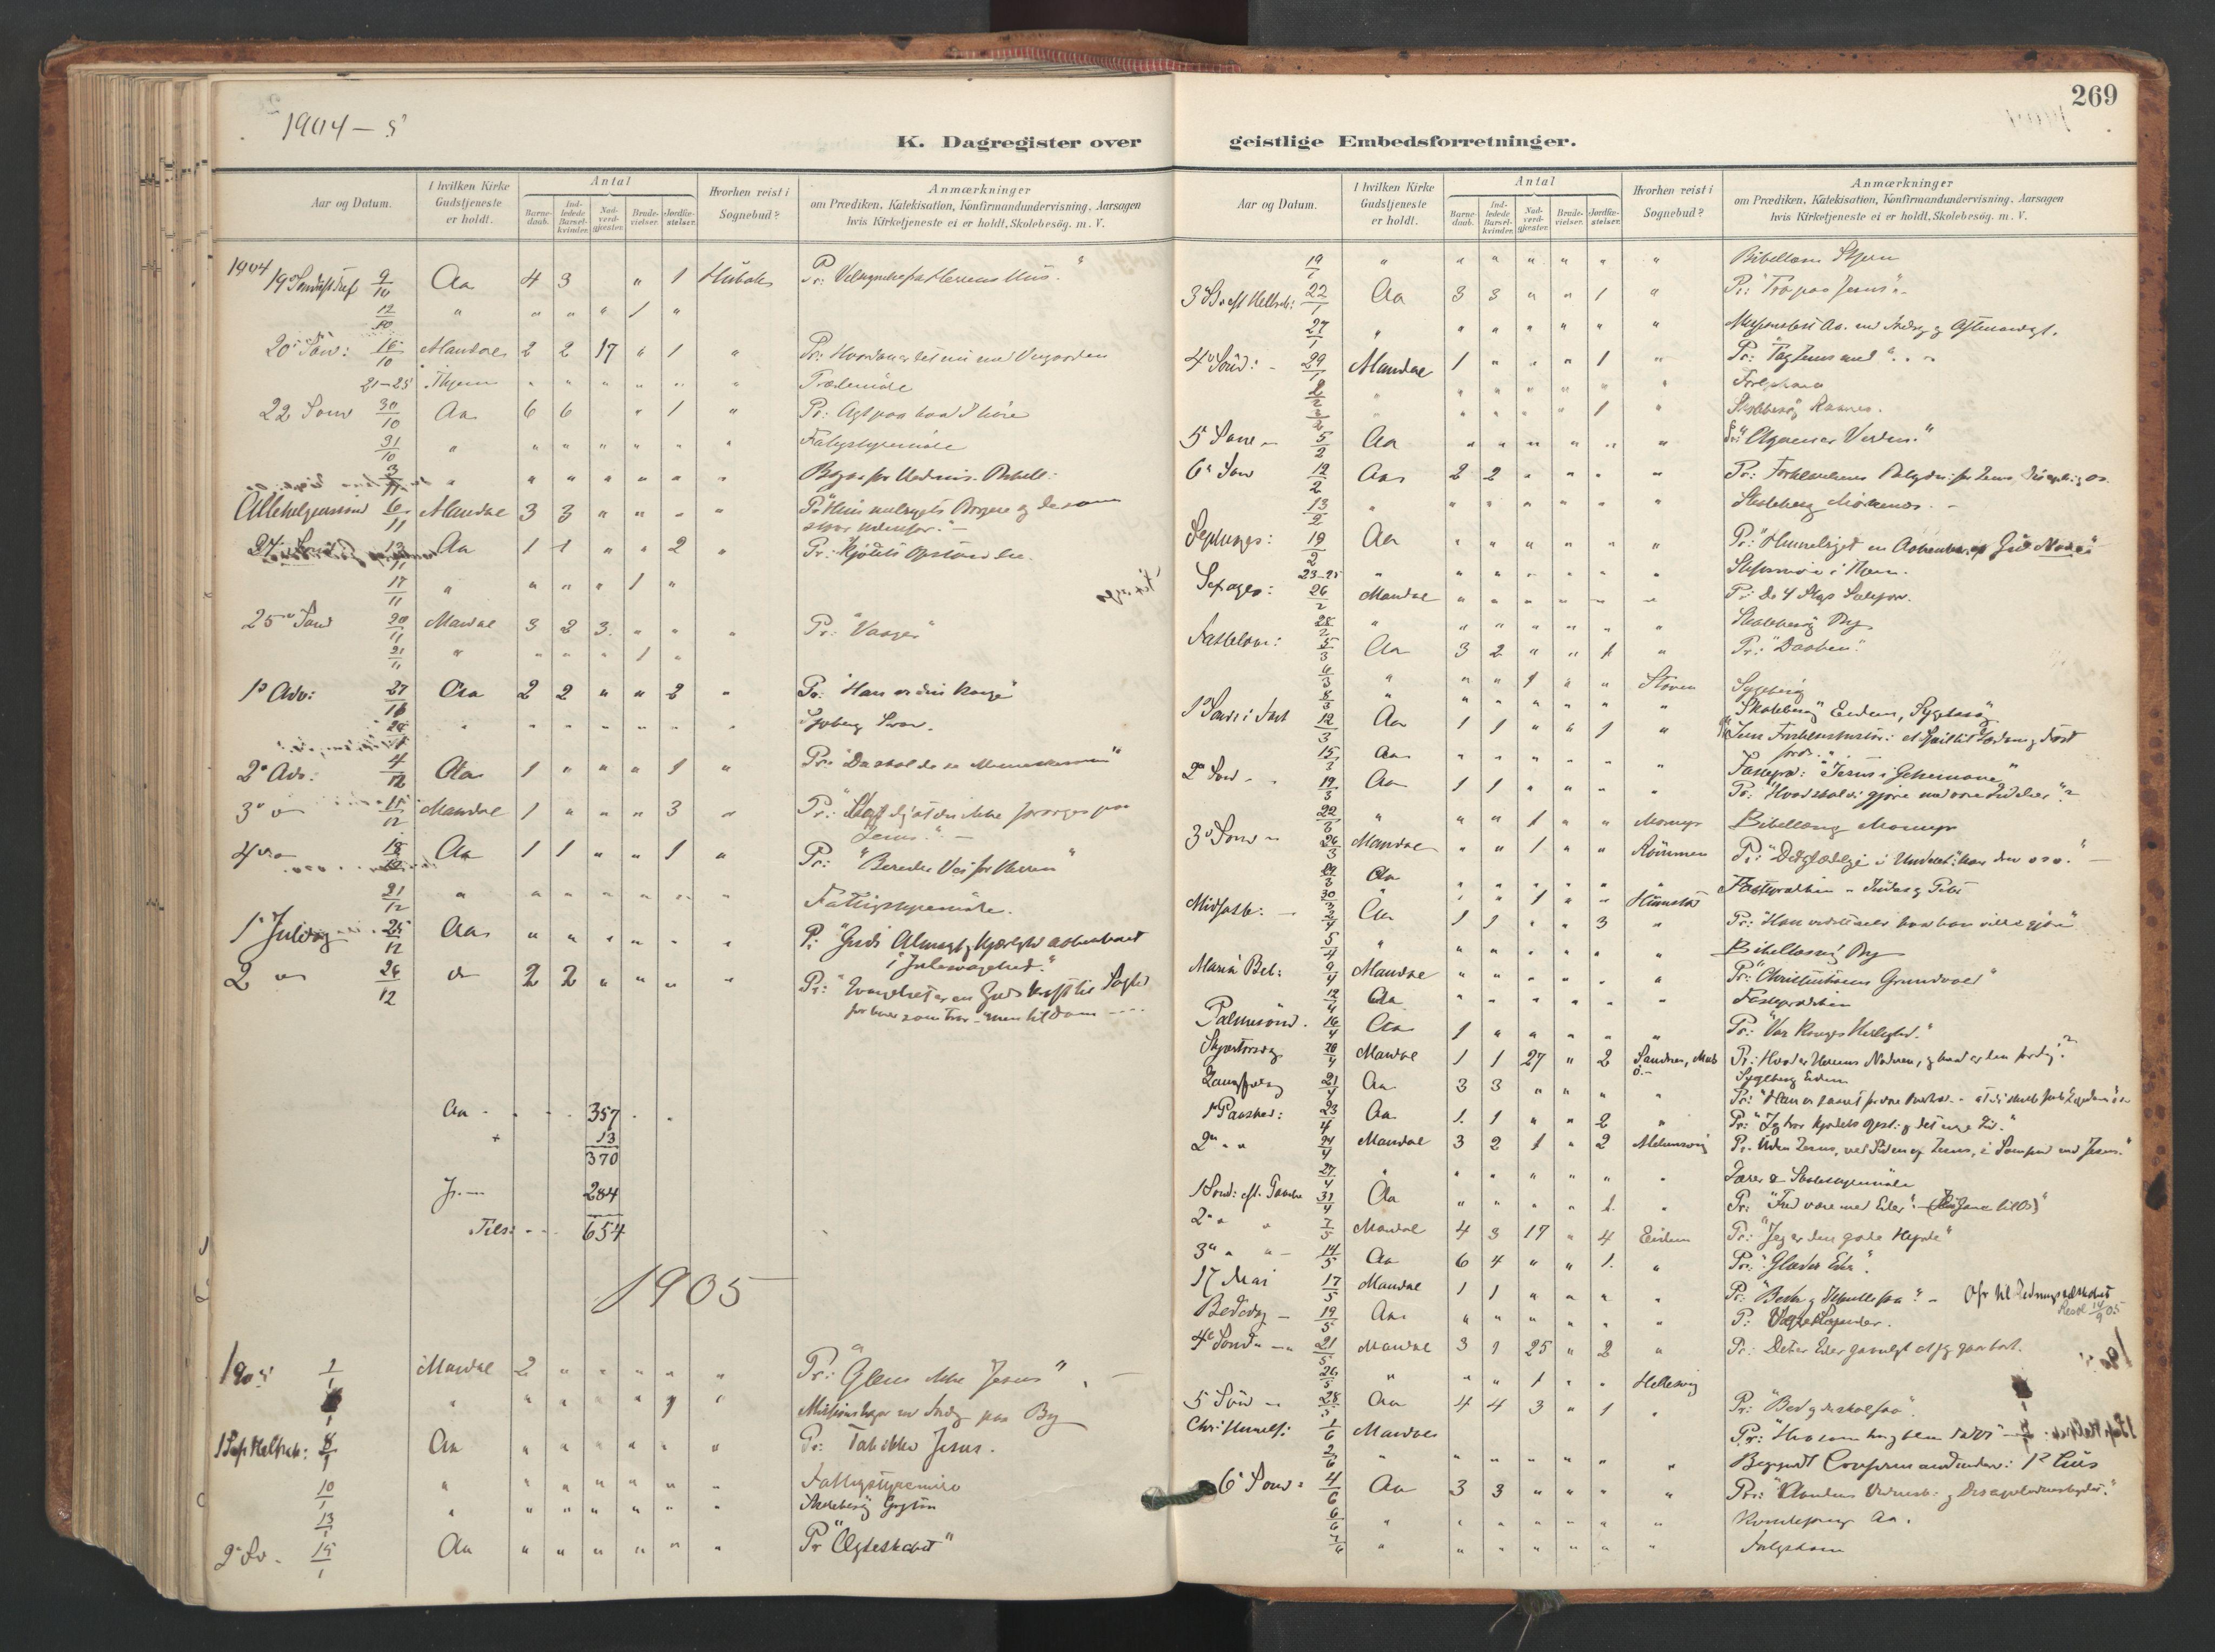 SAT, Ministerialprotokoller, klokkerbøker og fødselsregistre - Sør-Trøndelag, 655/L0681: Ministerialbok nr. 655A10, 1895-1907, s. 269